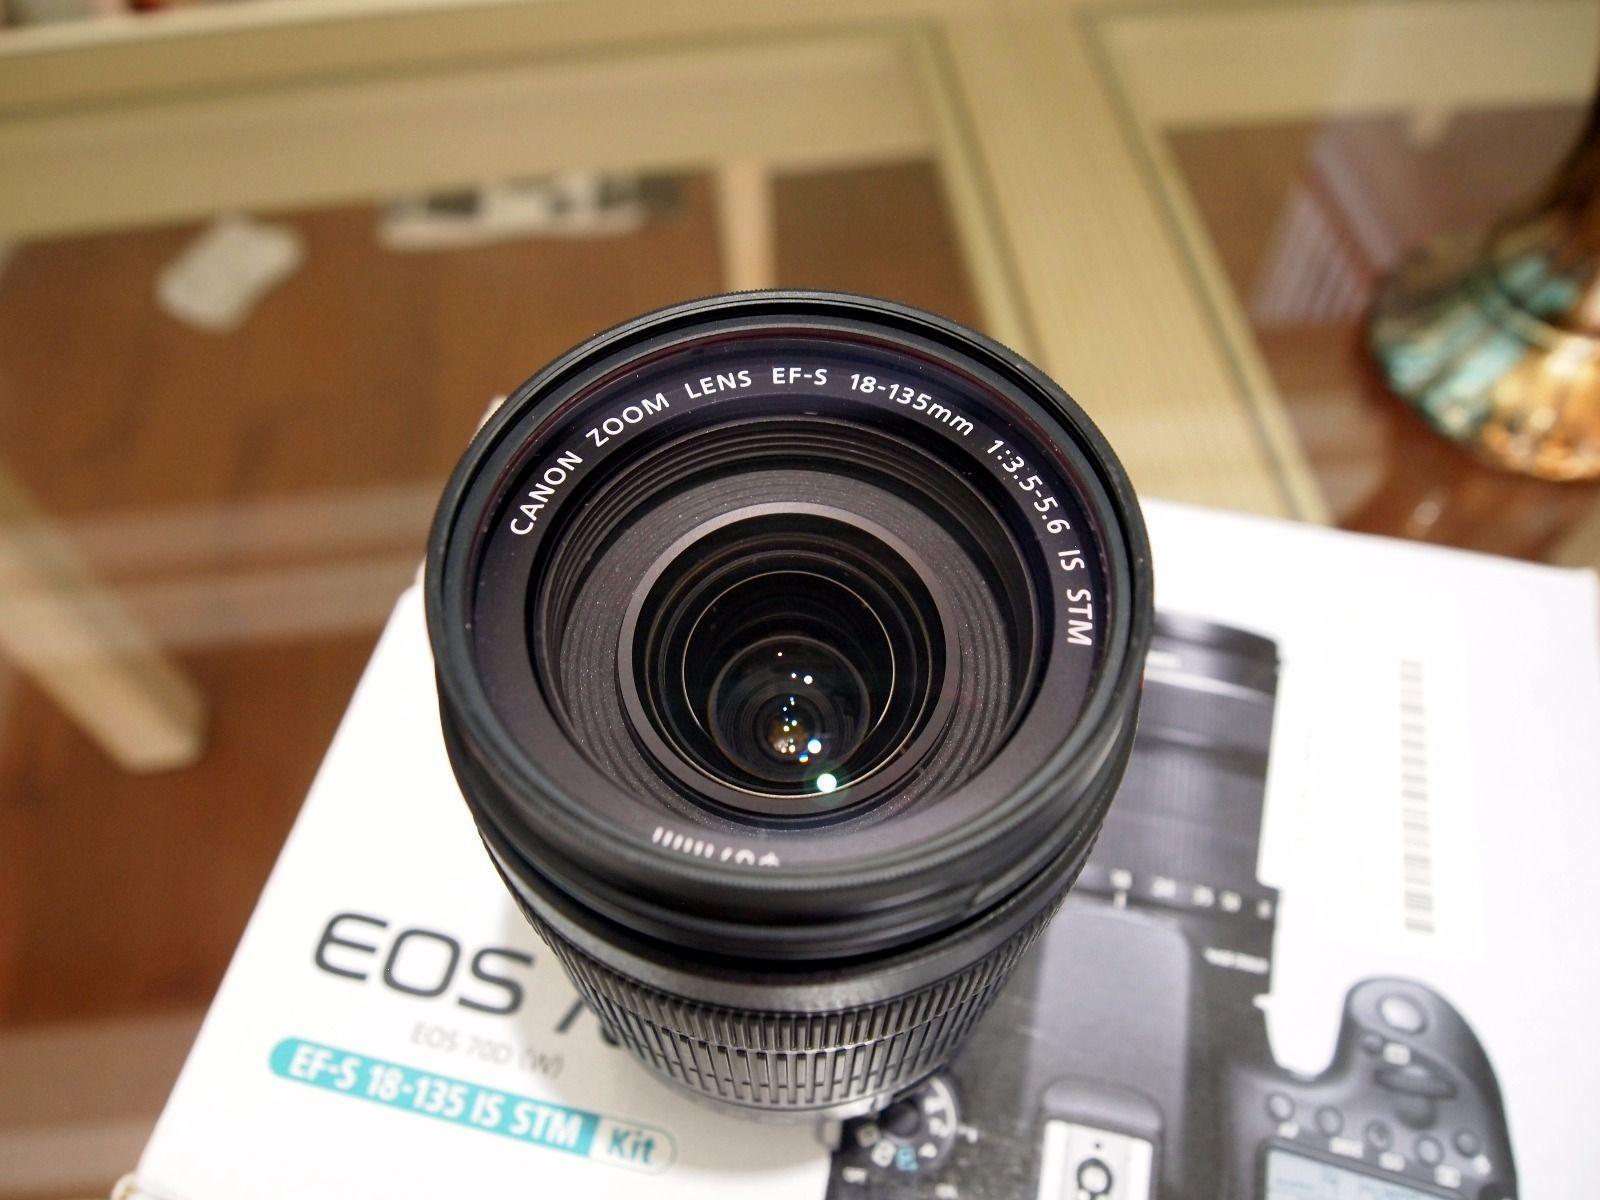 Fitur Canon 70d Wifi 18 135 Stm Dan Harga Terkini Katalog Eos 800d Kit 135mm Is Paket 3